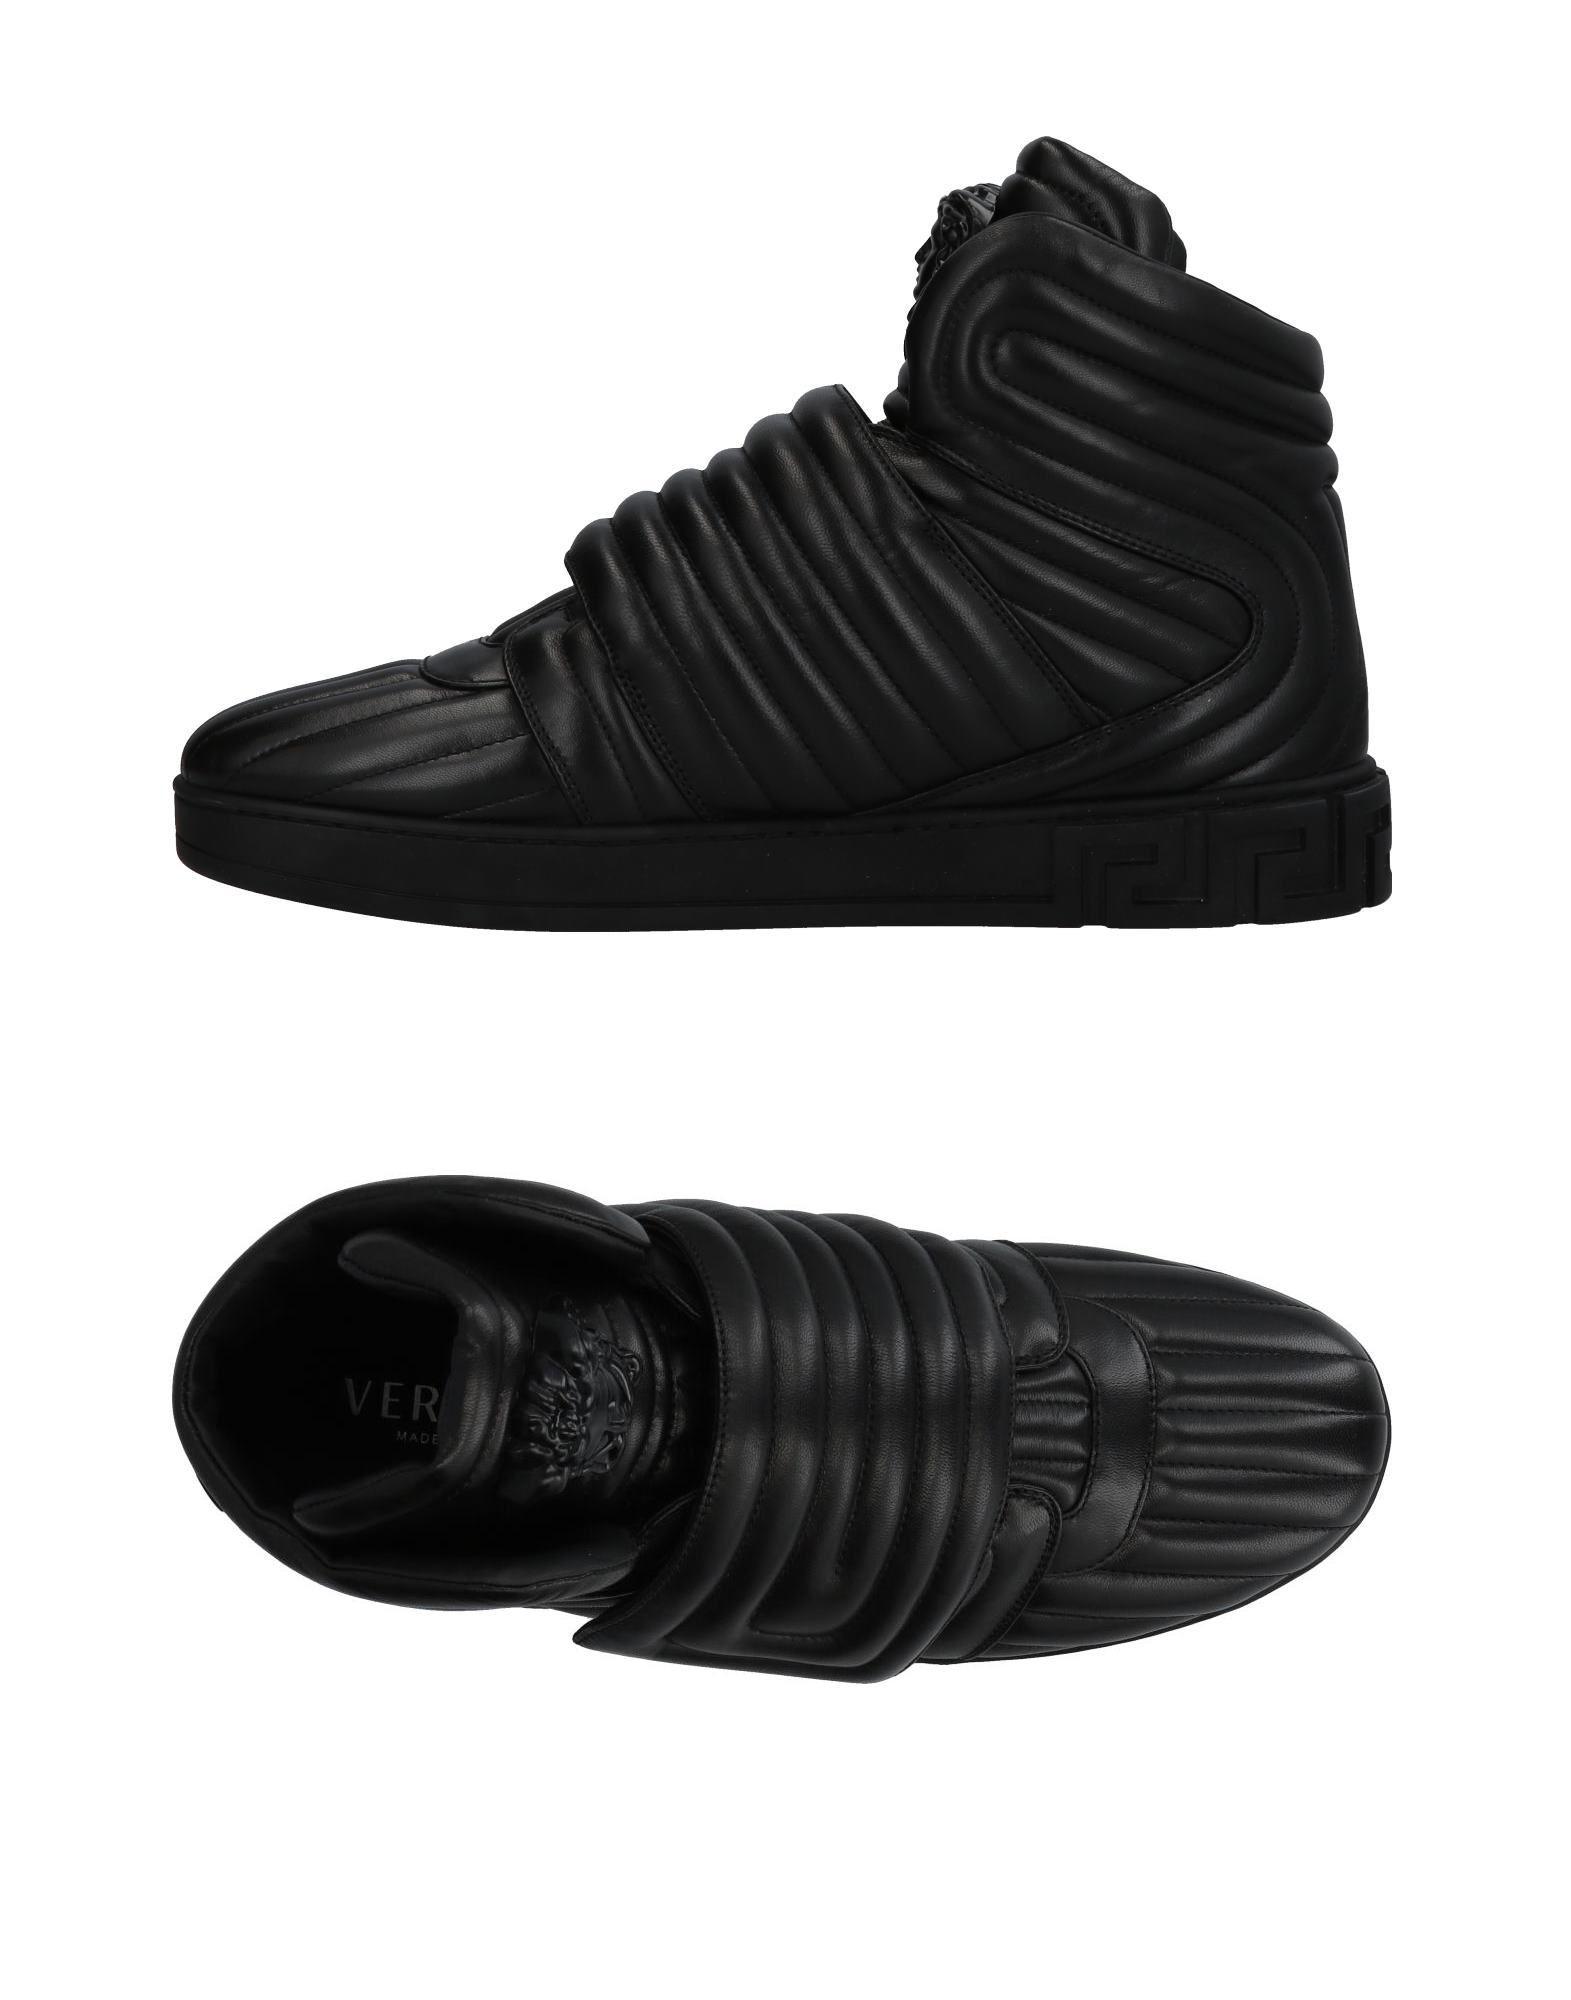 Versace Sneakers Herren  11401399MD Gute Qualität beliebte Schuhe